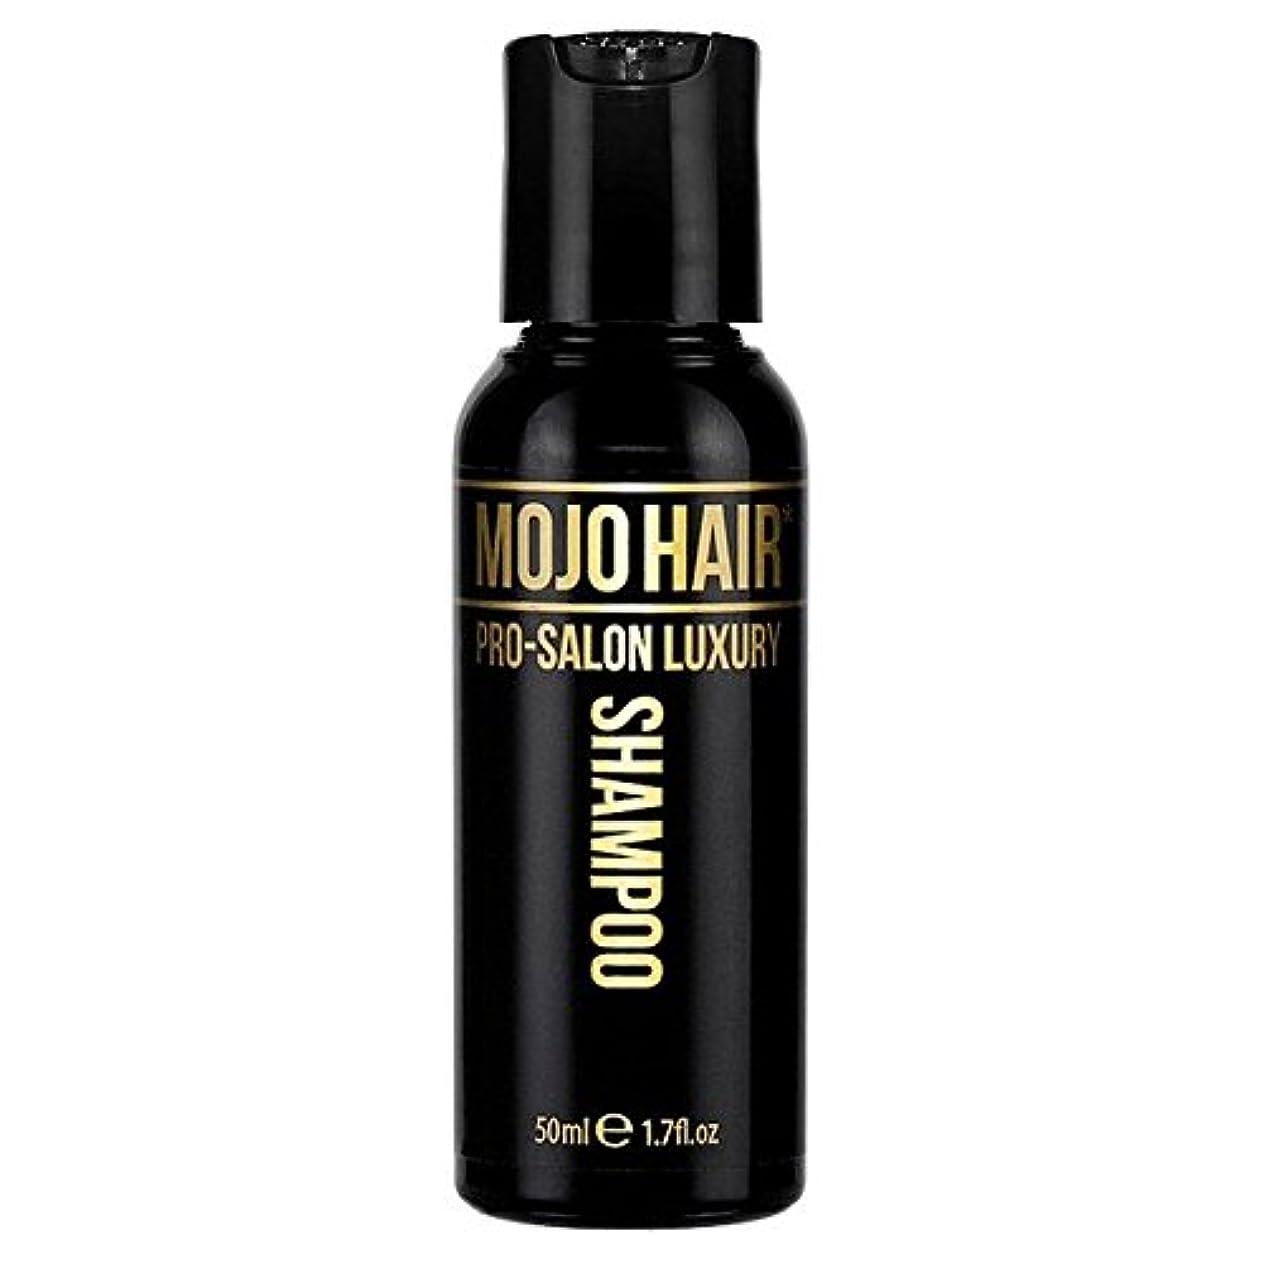 アスレチック放射能水素男性のためのモジョの毛プロのサロンの贅沢な香りのシャンプー、トラベルサイズの50ミリリットル x2 - MOJO HAIR Pro-Salon Luxury Fragrance Shampoo for Men, Travel Size 50ml (Pack of 2) [並行輸入品]